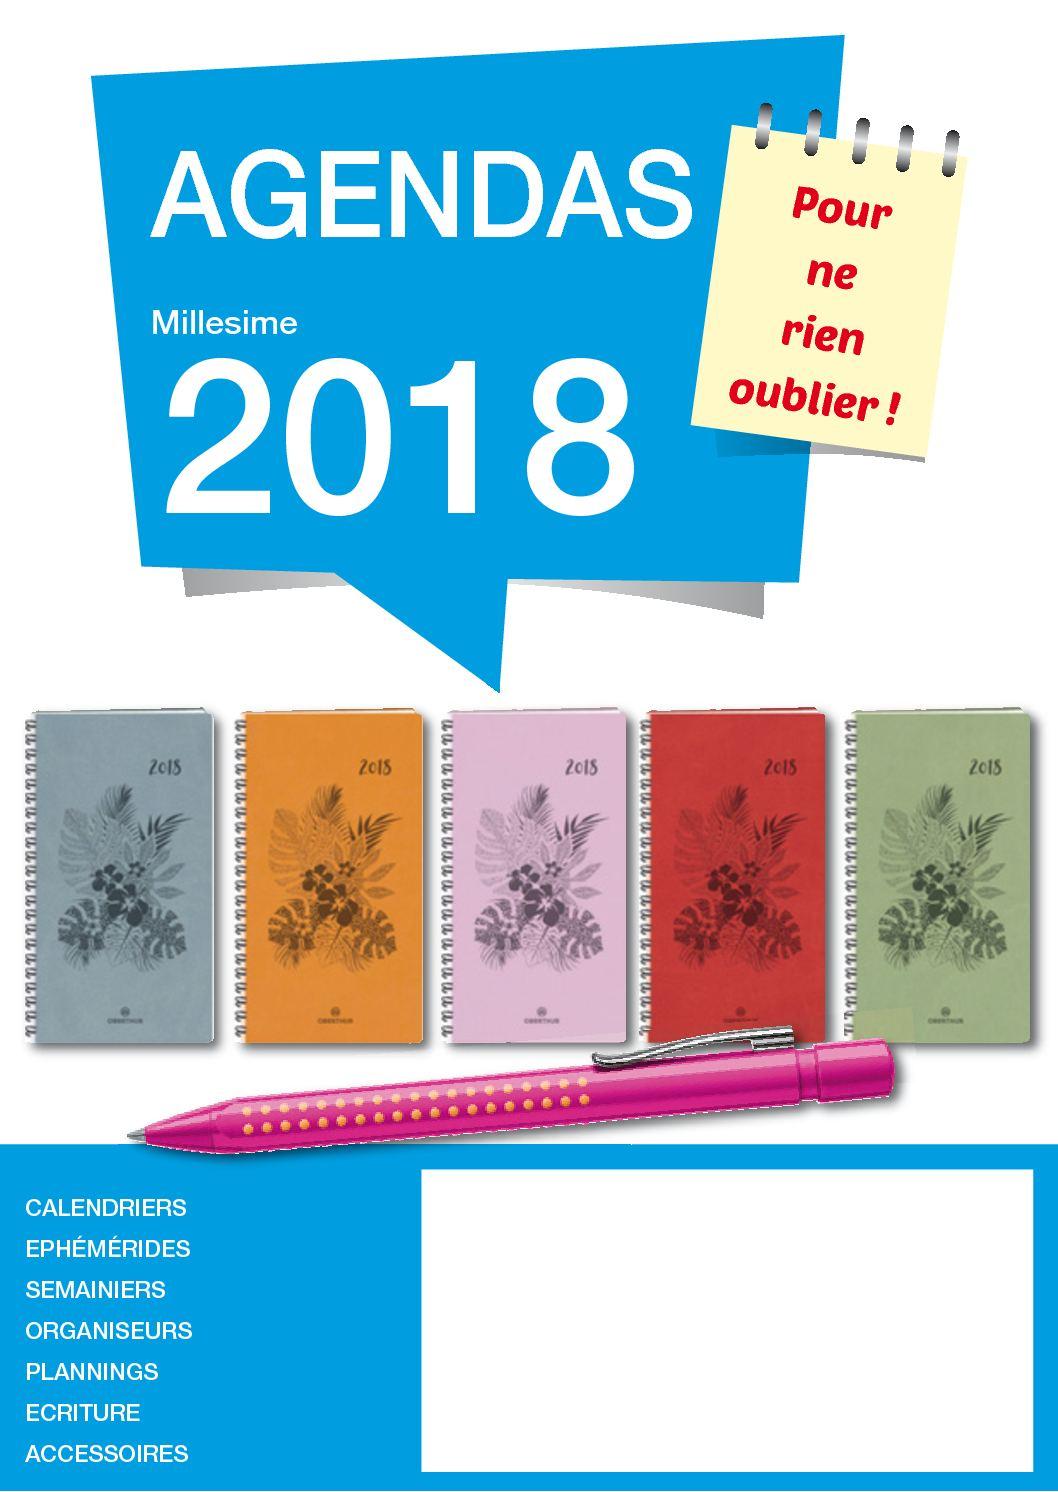 Calam o catalogue agenda 2018 for Buroplus catalogue